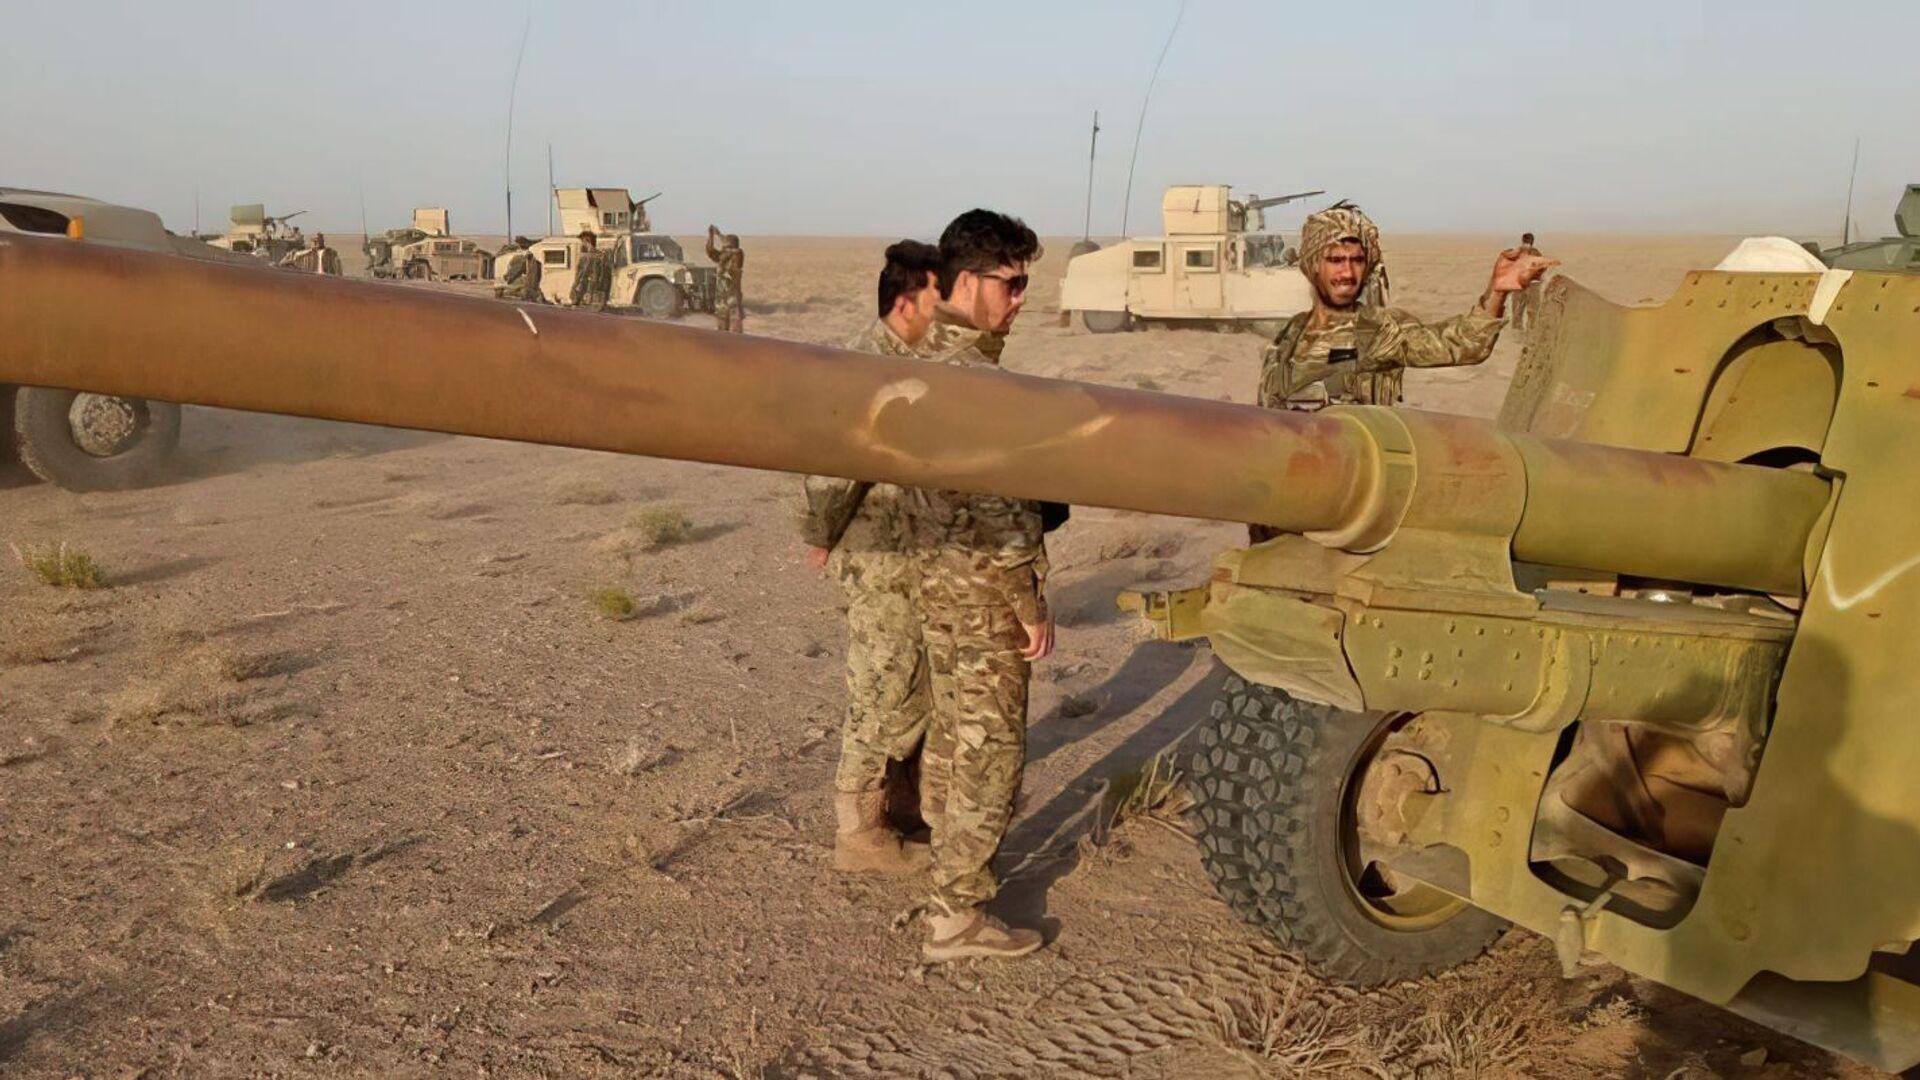 Boj obranných sil Afghánistánu proti Tálibánu (zakázaného v Rusku) - Sputnik Česká republika, 1920, 29.07.2021